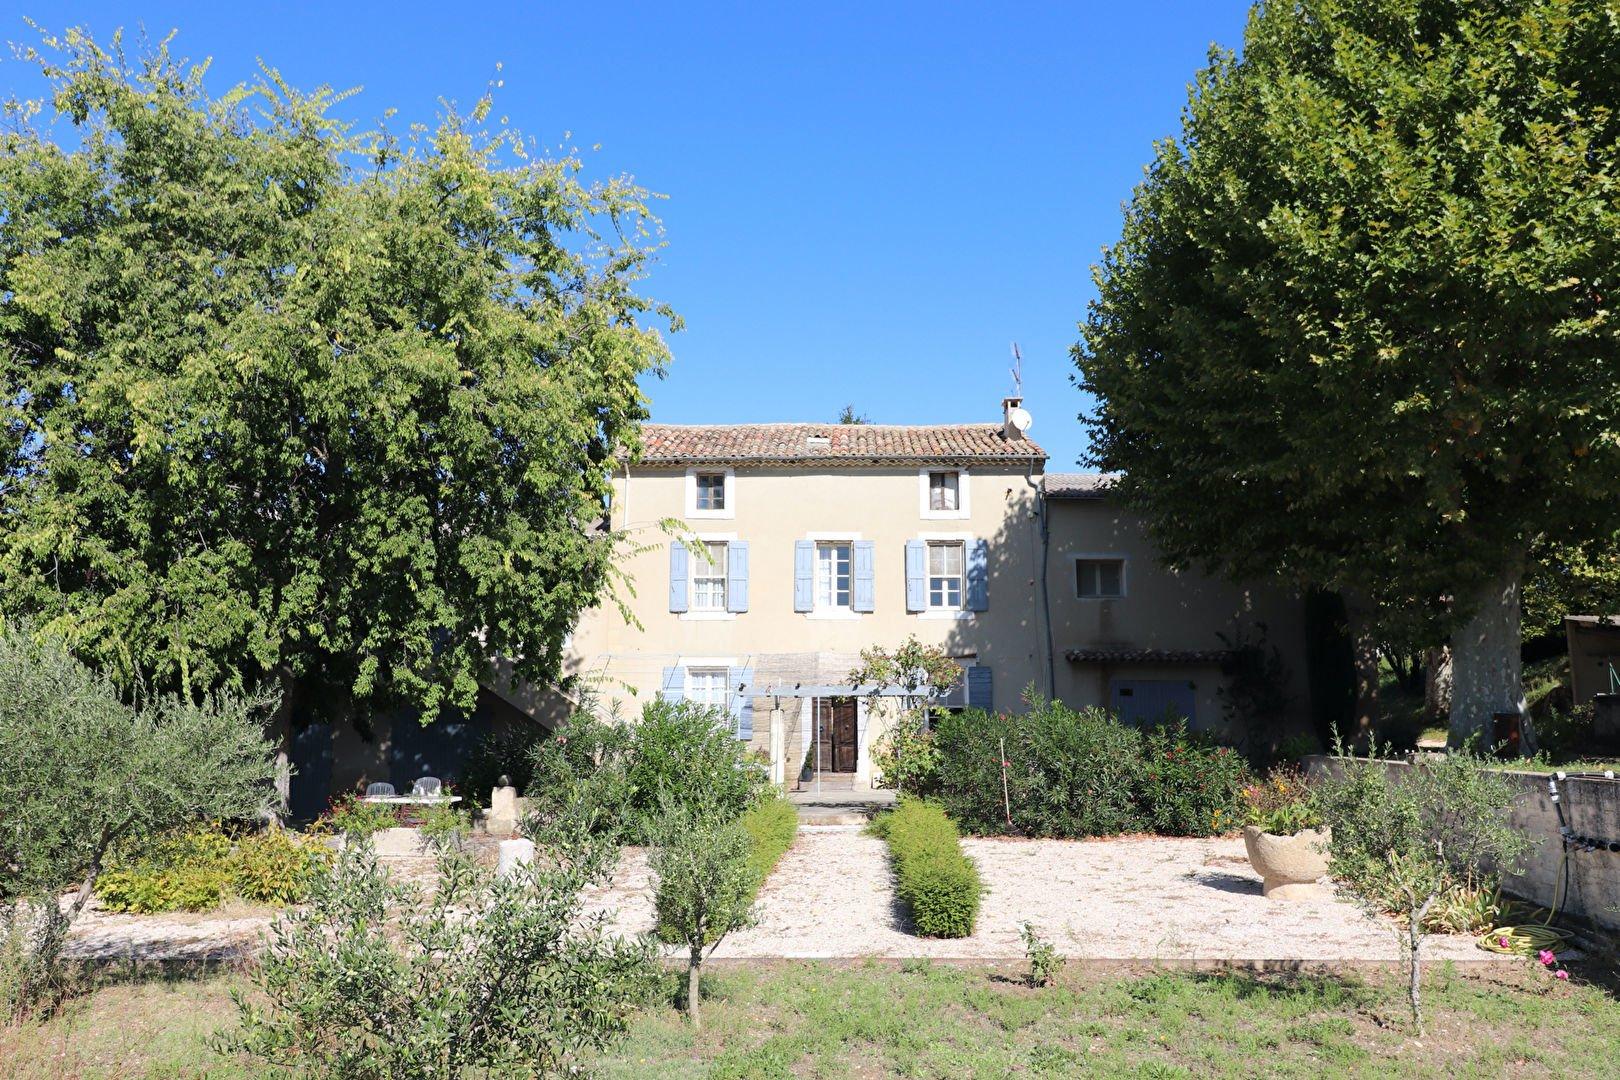 Ansouis, Provence-Alpes-Côte d'Azur, France 1